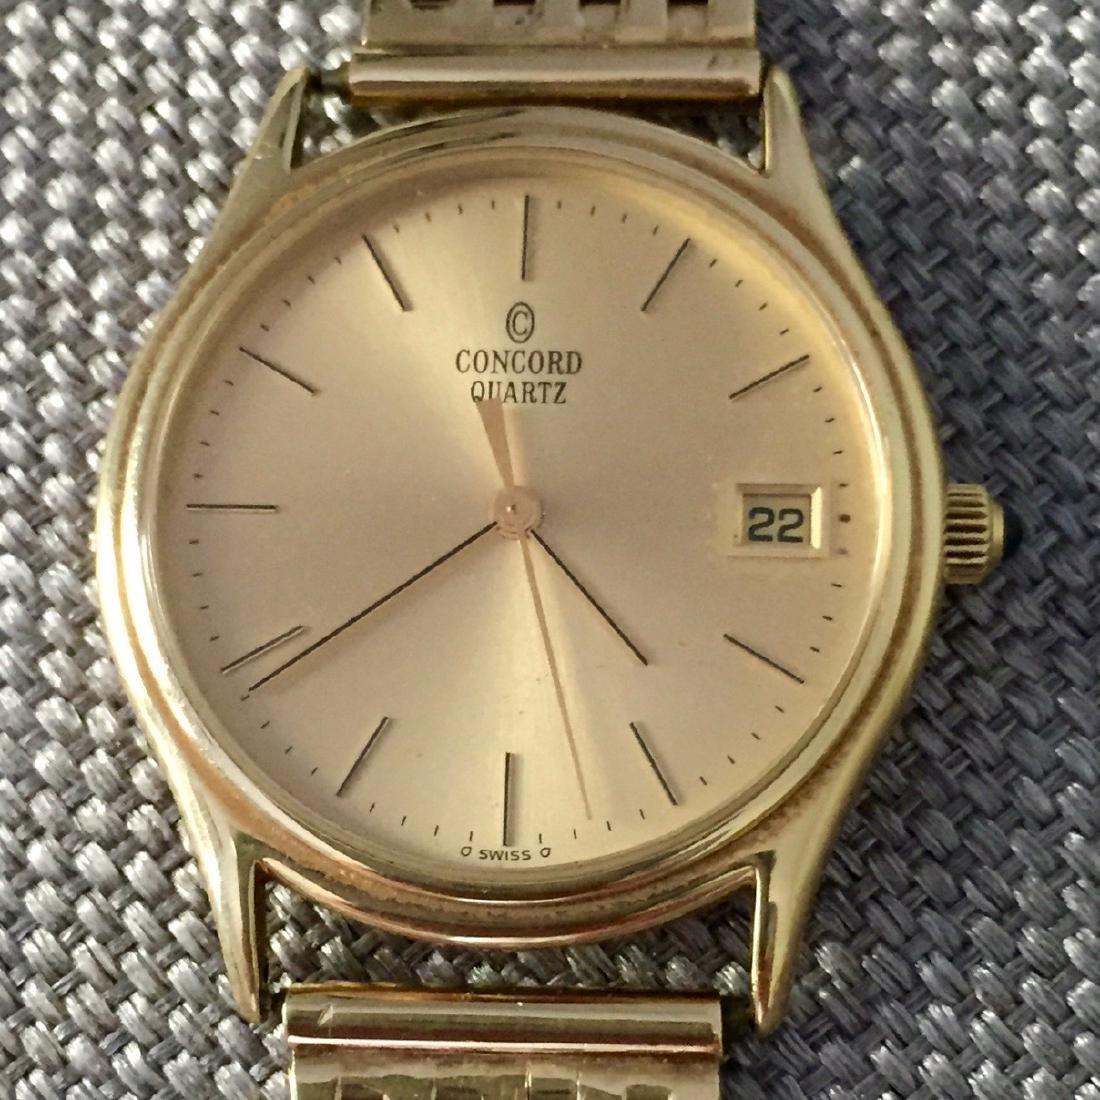 Vintage Concord La Scala Gold Men's Watch, 1970s